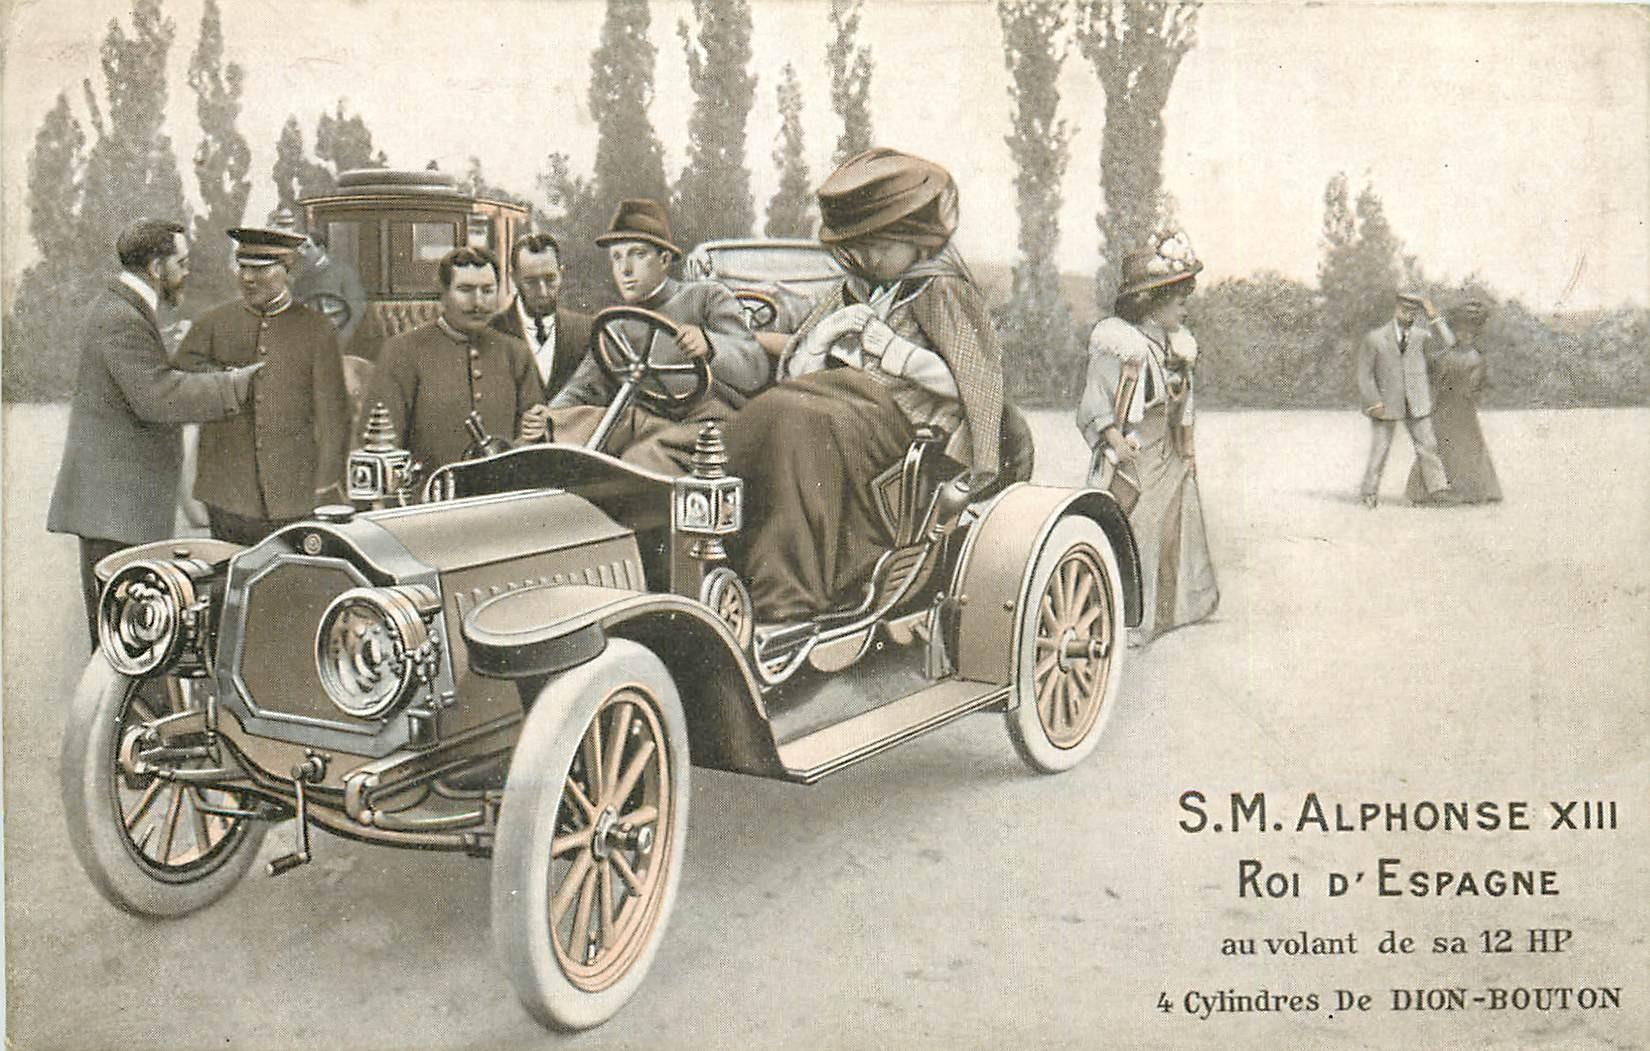 Le Roi d'Espagne Alphonse XIII au volant de sa 12 HP de Dion-Bouton